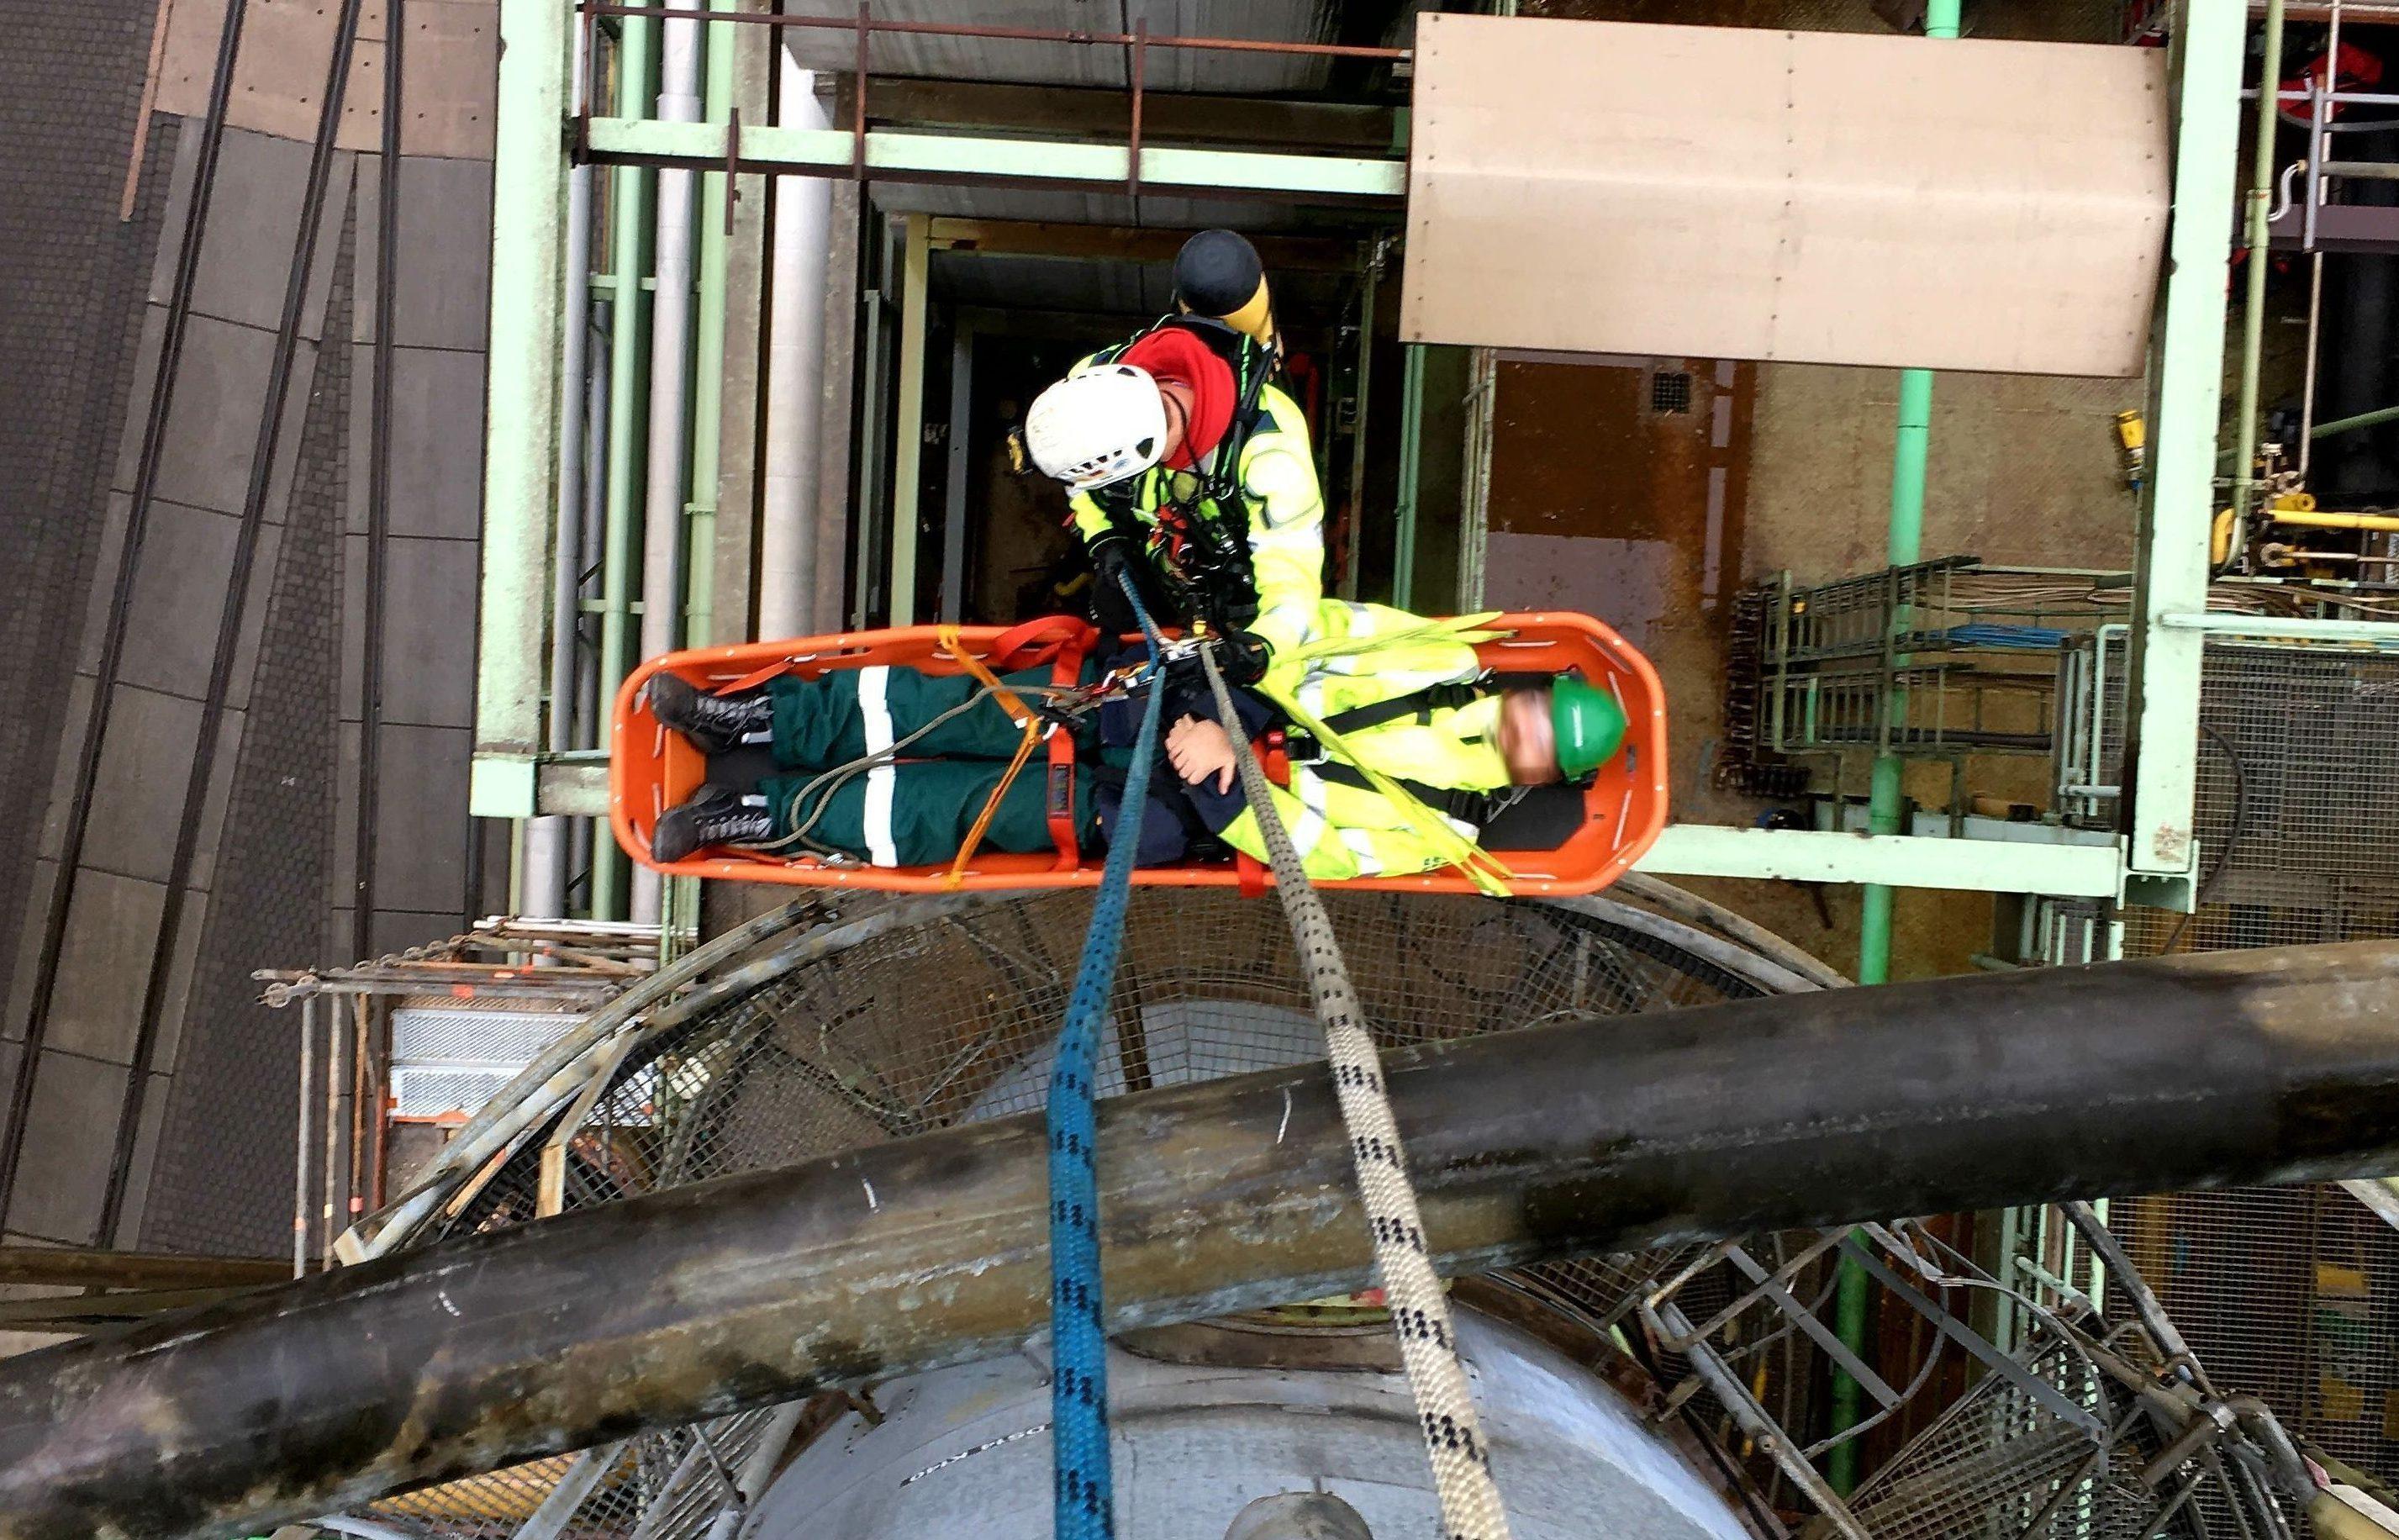 Kletterausrüstung Bonn : Industriekletterer bonn u ihr fachbetrieb für seiltechnik aus dem